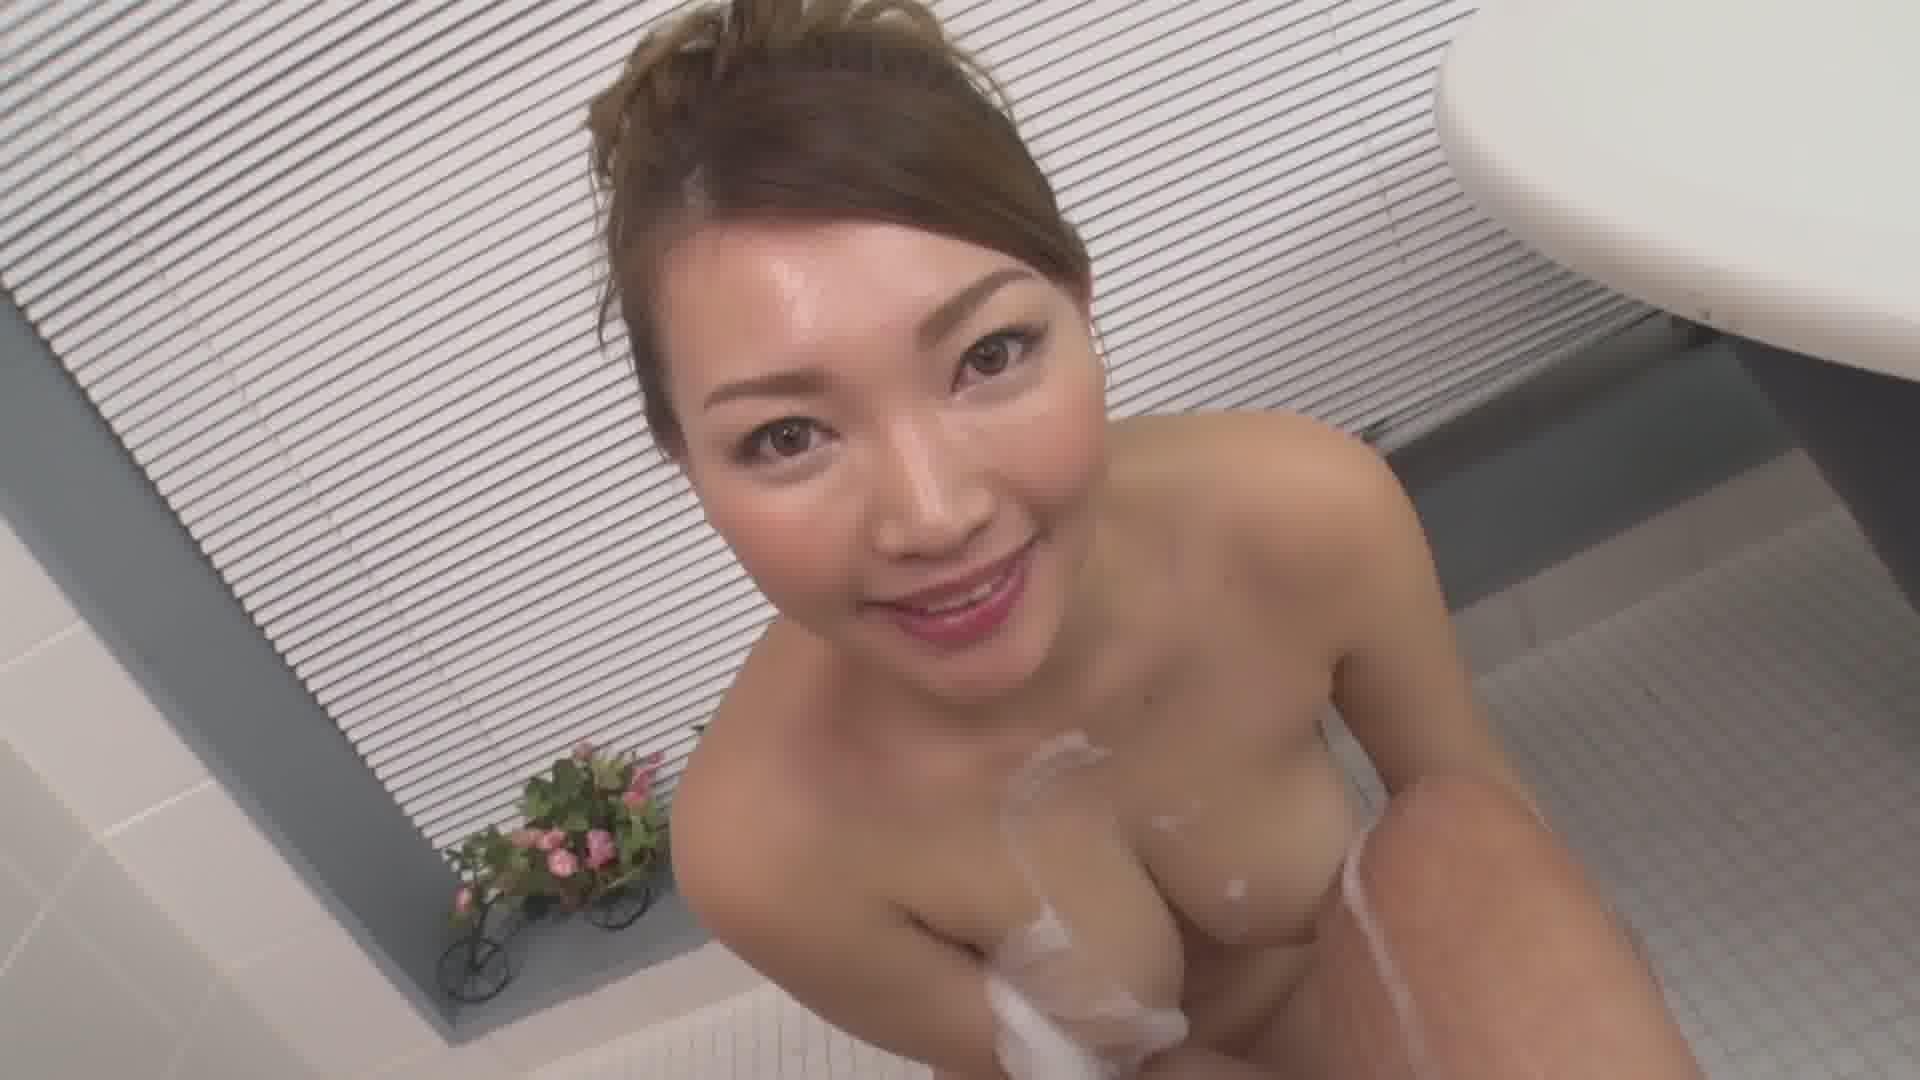 極上泡姫物語 Vol.65 - @YOU【パイパン・パイズリ・初裏】